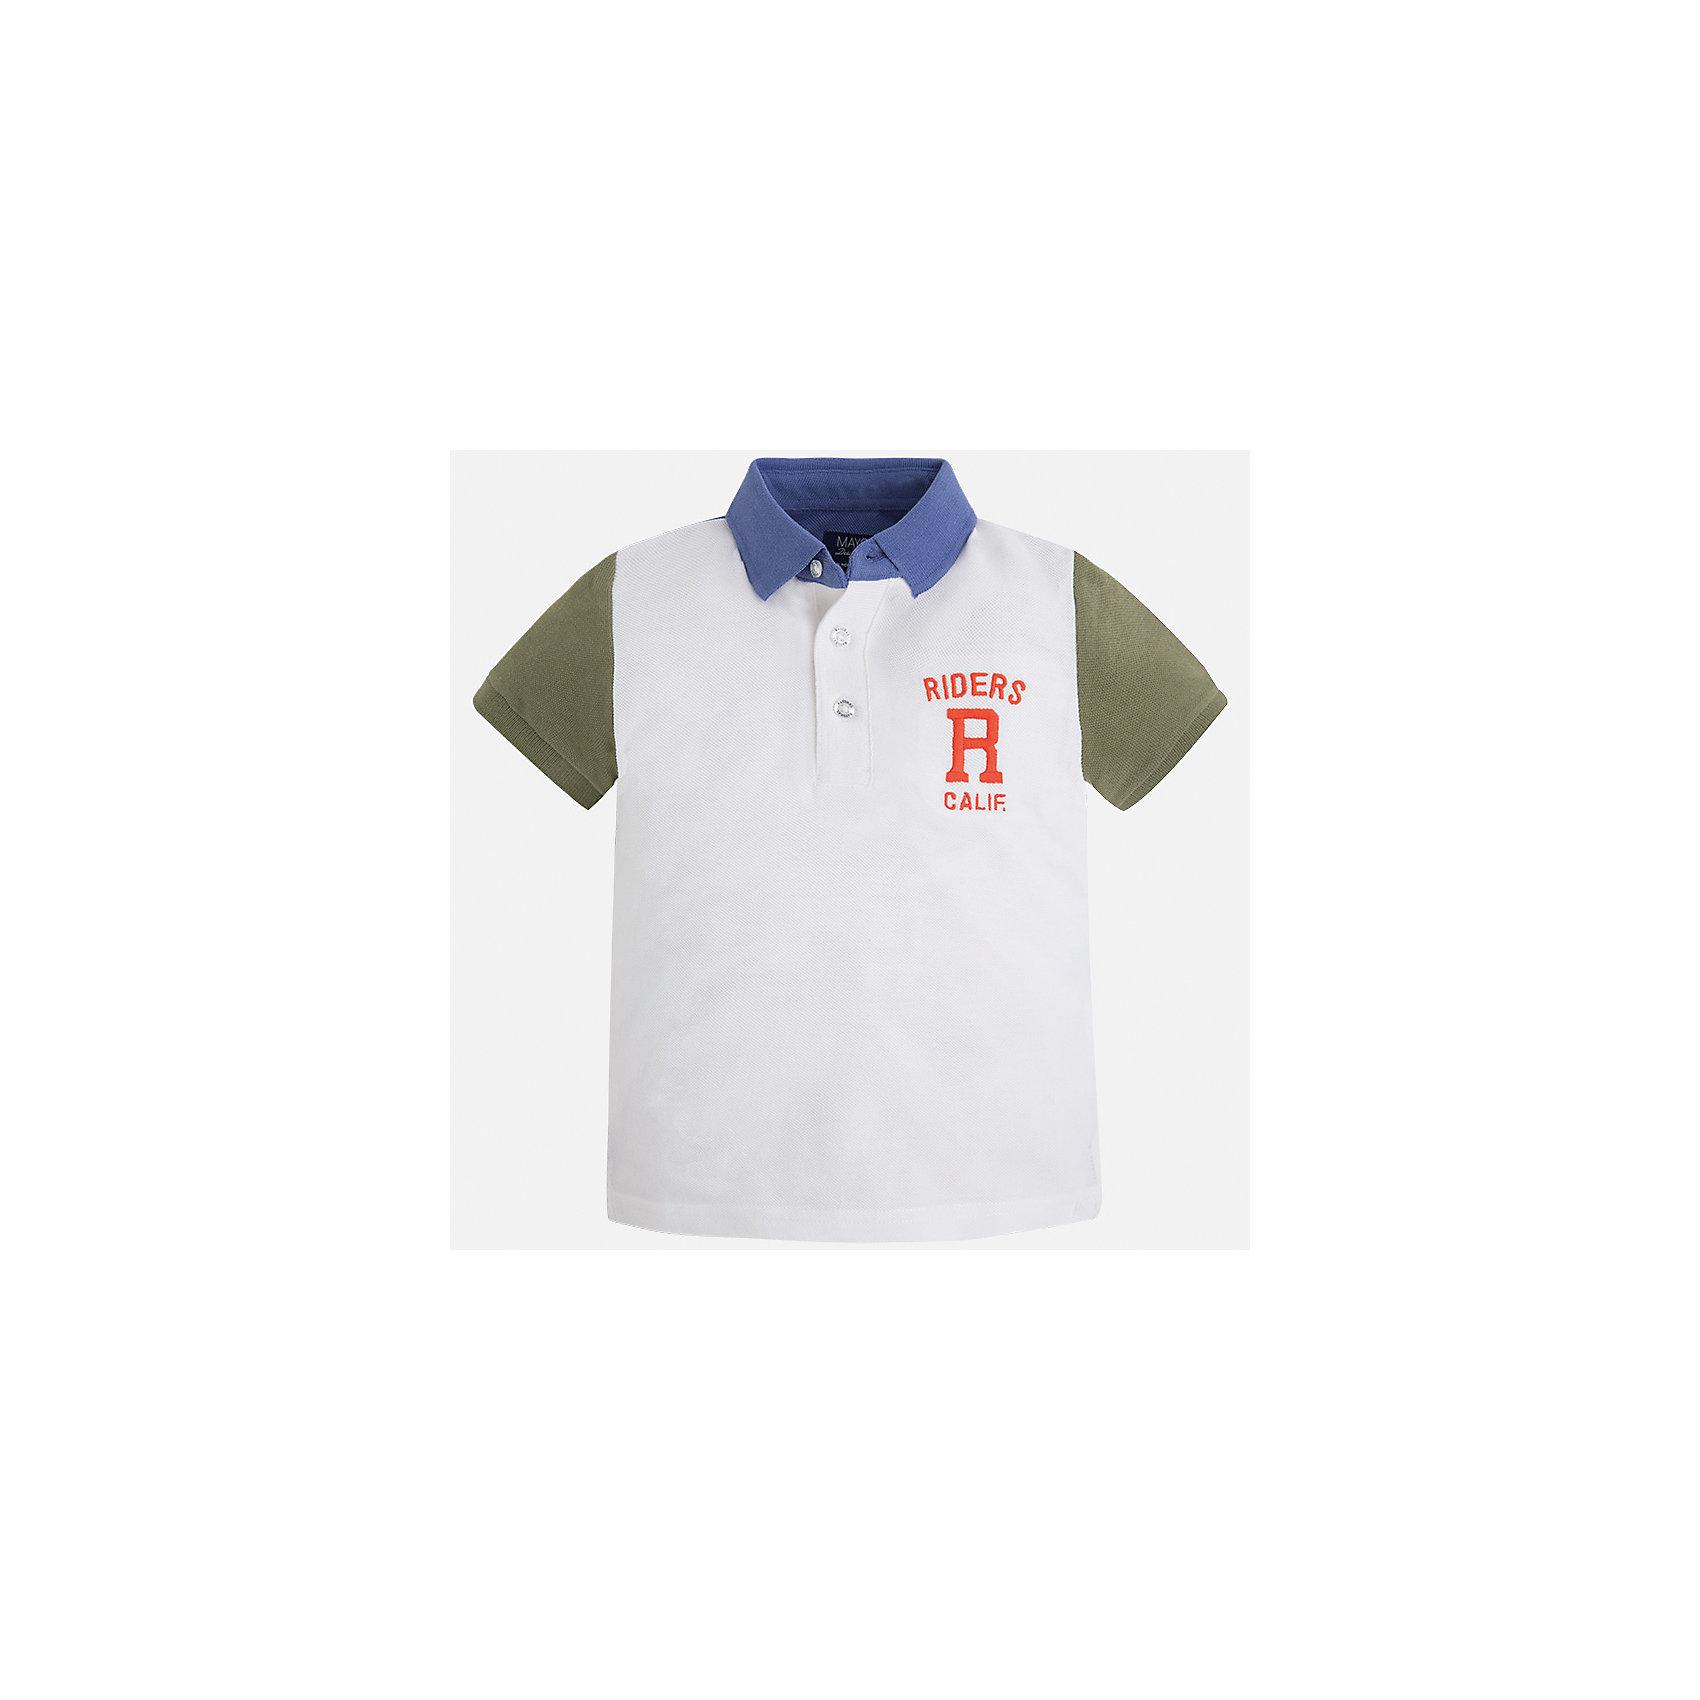 Футболка-поло для мальчика MayoralФутболки, поло и топы<br>Характеристики товара:<br><br>• цвет: белый<br>• состав: 100% хлопок<br>• отложной воротник<br>• короткие рукава<br>• застежка: пуговицы<br>• декорирована вышивкой<br>• страна бренда: Испания<br><br>Стильная футболка-поло для мальчика может стать базовой вещью в гардеробе ребенка. Она отлично сочетается с брюками, шортами, джинсами и т.д. Универсальный крой и цвет позволяет подобрать к вещи низ разных расцветок. Практичное и стильное изделие! В составе материала - только натуральный хлопок, гипоаллергенный, приятный на ощупь, дышащий.<br><br>Одежда, обувь и аксессуары от испанского бренда Mayoral полюбились детям и взрослым по всему миру. Модели этой марки - стильные и удобные. Для их производства используются только безопасные, качественные материалы и фурнитура. Порадуйте ребенка модными и красивыми вещами от Mayoral! <br><br>Футболку-поло для мальчика от испанского бренда Mayoral (Майорал) можно купить в нашем интернет-магазине.<br><br>Ширина мм: 230<br>Глубина мм: 40<br>Высота мм: 220<br>Вес г: 250<br>Цвет: коричневый<br>Возраст от месяцев: 72<br>Возраст до месяцев: 84<br>Пол: Мужской<br>Возраст: Детский<br>Размер: 122,110,116,134,128<br>SKU: 5271994